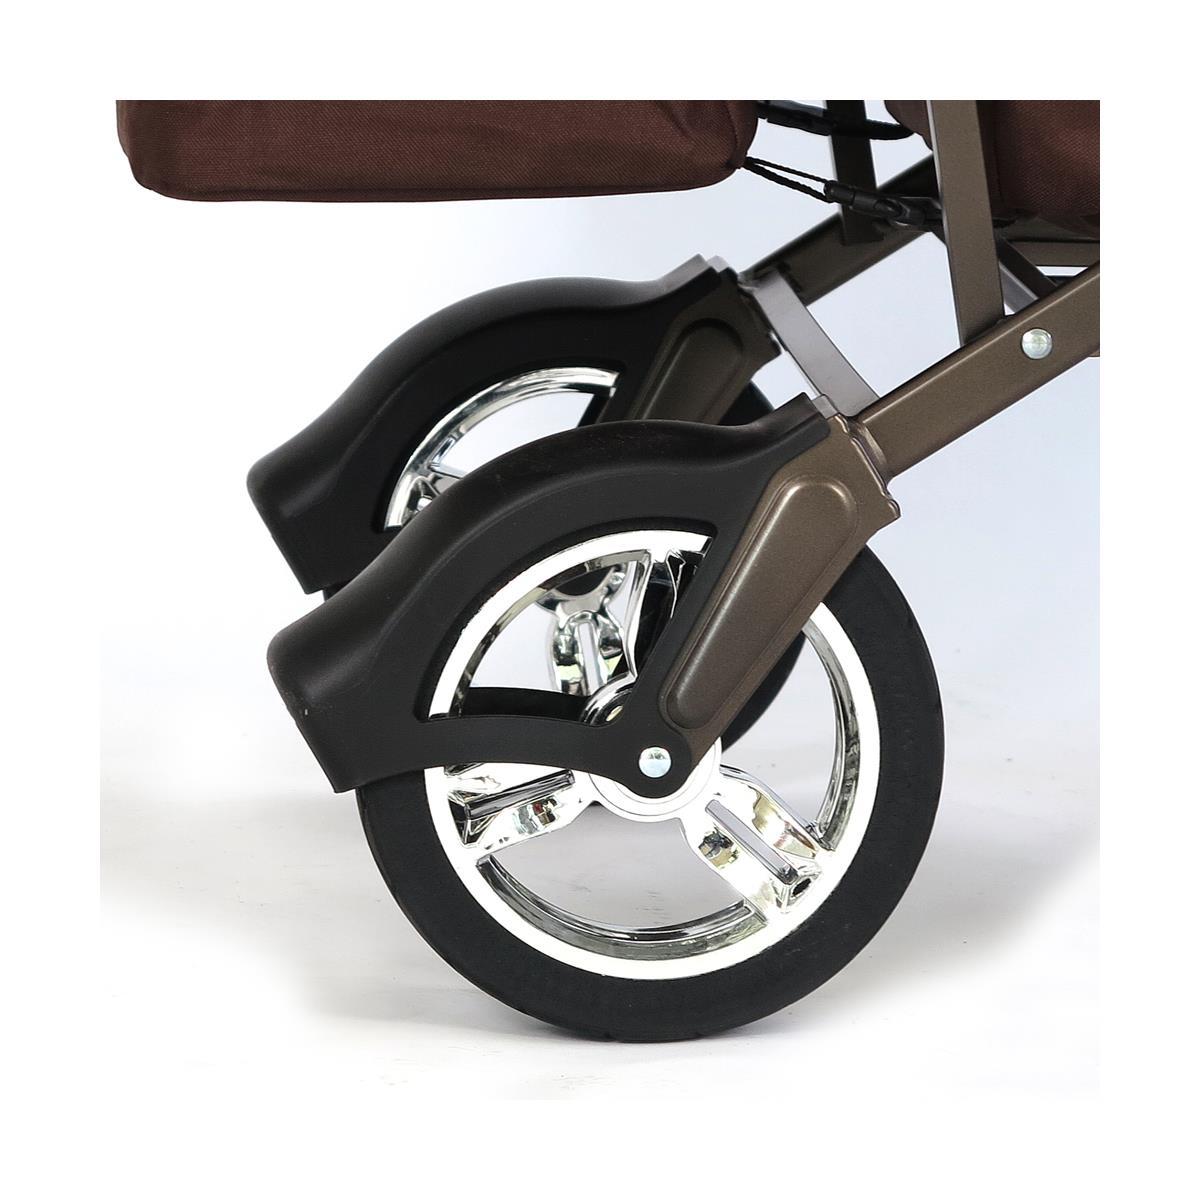 fuxtec bollerwagen ct 500br braun mit dach faltbar fuxtec marken bollerwagen. Black Bedroom Furniture Sets. Home Design Ideas